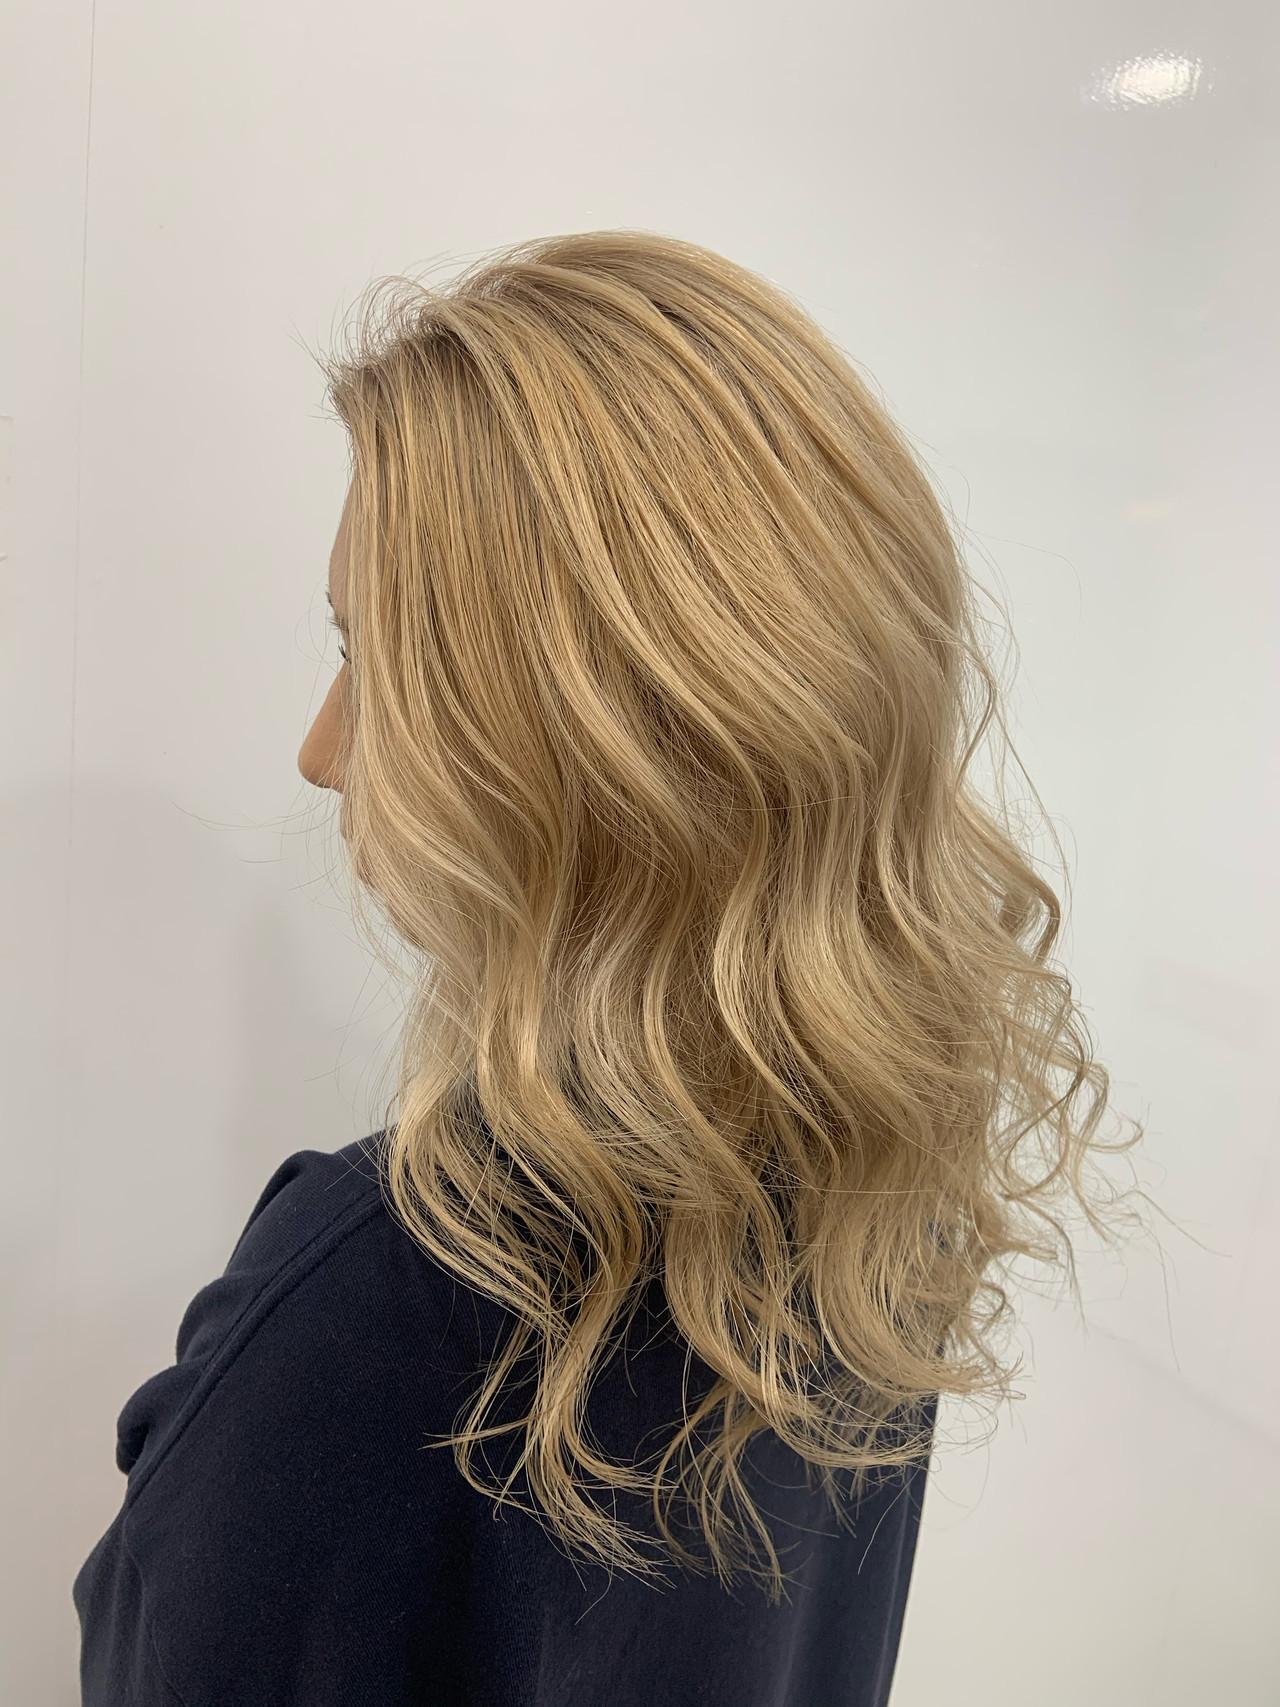 フェミニン 圧倒的透明感 透明感カラー ブロンドカラー ヘアスタイルや髪型の写真・画像